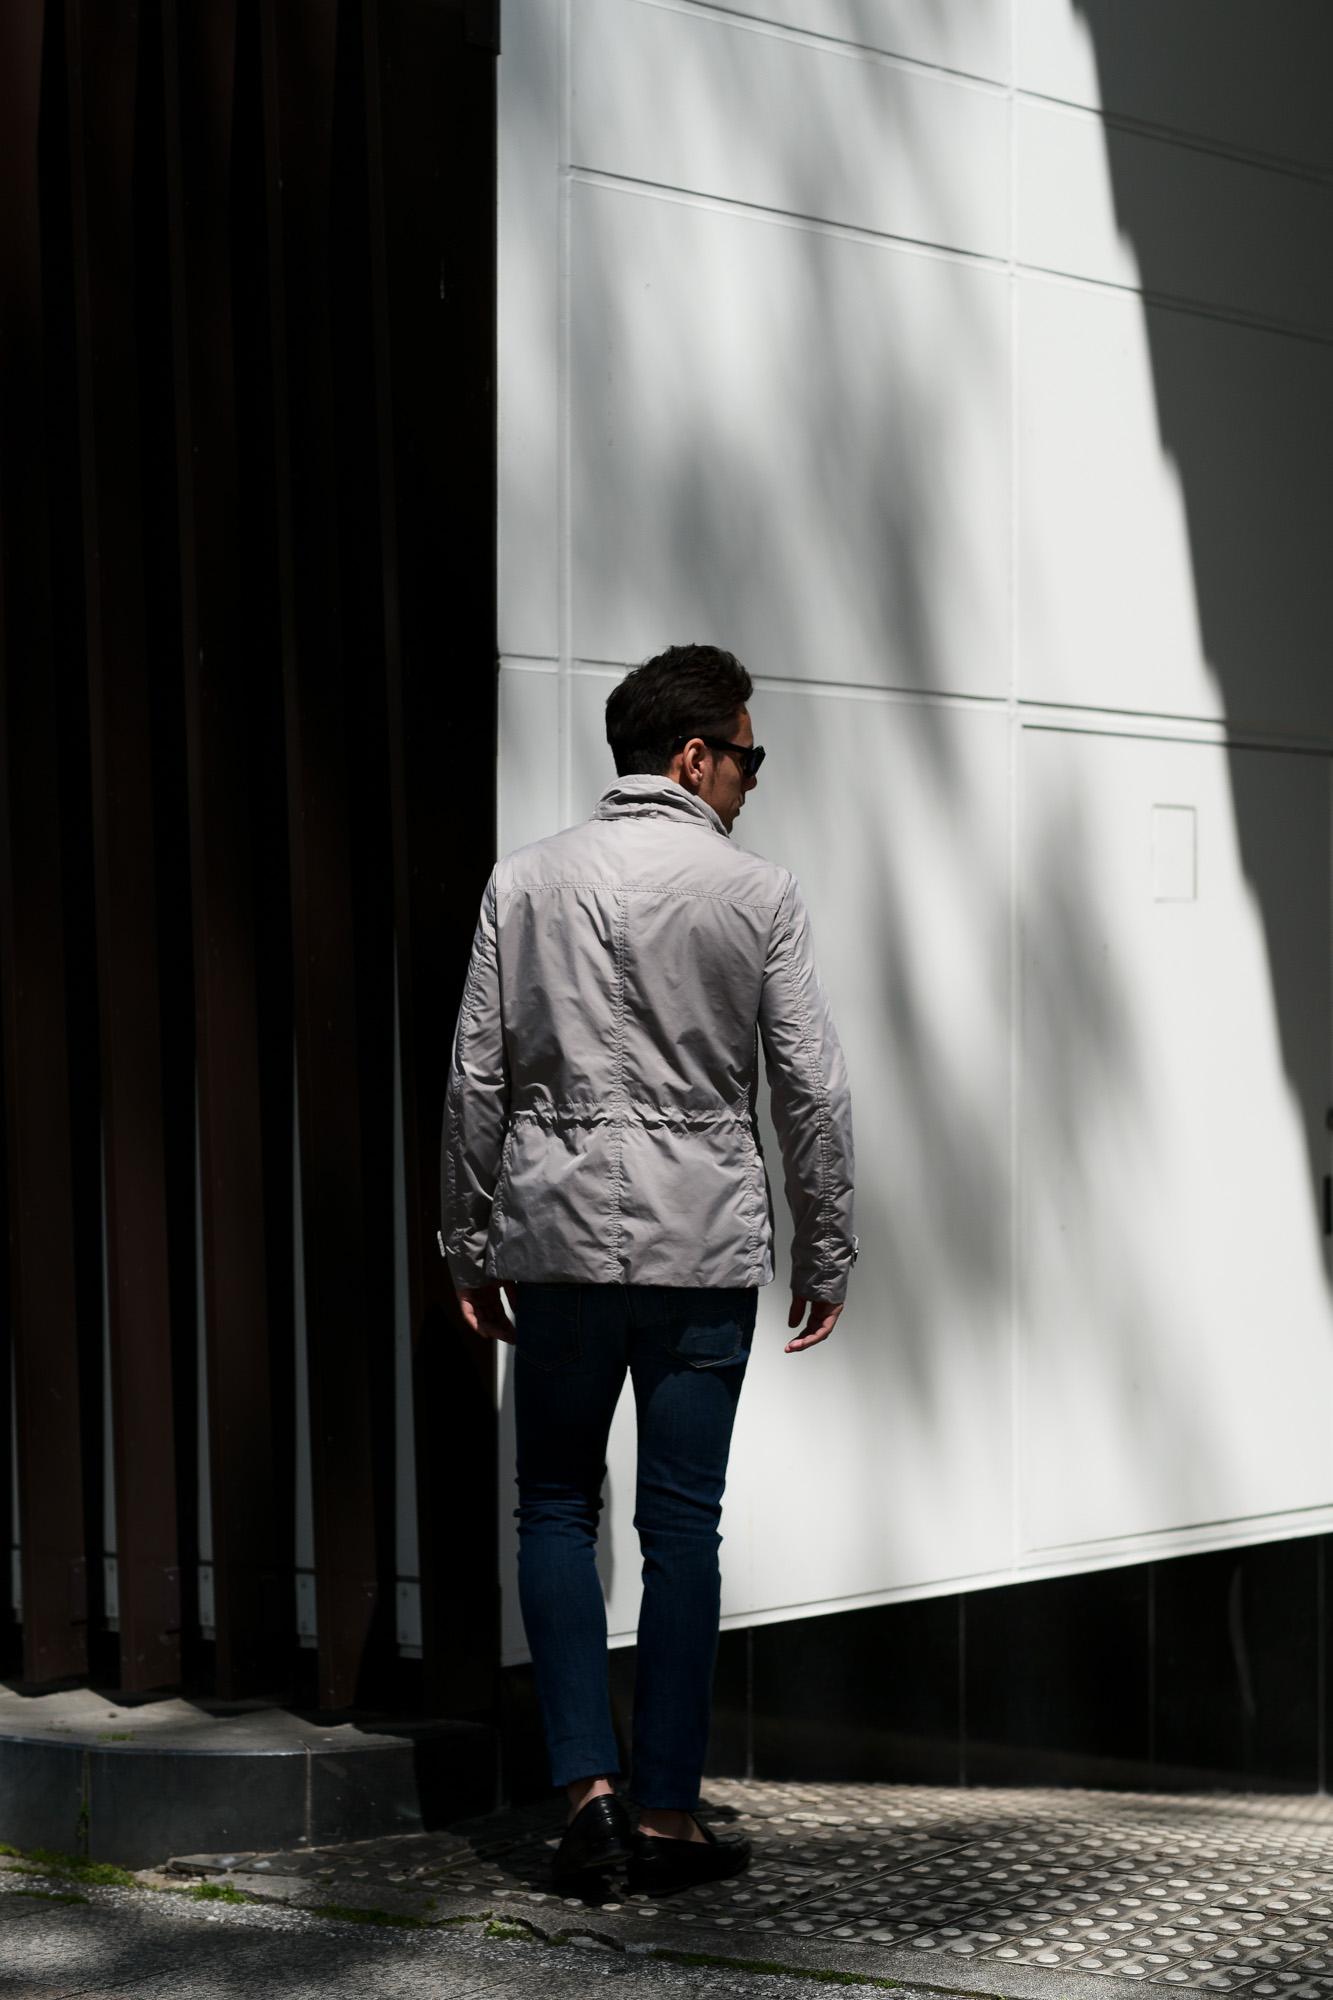 MOORER (ムーレー) NABUCCO-KM (ナブッコ) ダブルブレスト スタンドカラー ナイロン ジャケット MARMO (グレー) Made in italy (イタリア製) 2019 春夏新作 愛知 名古屋 alto e diritto アルトエデリット